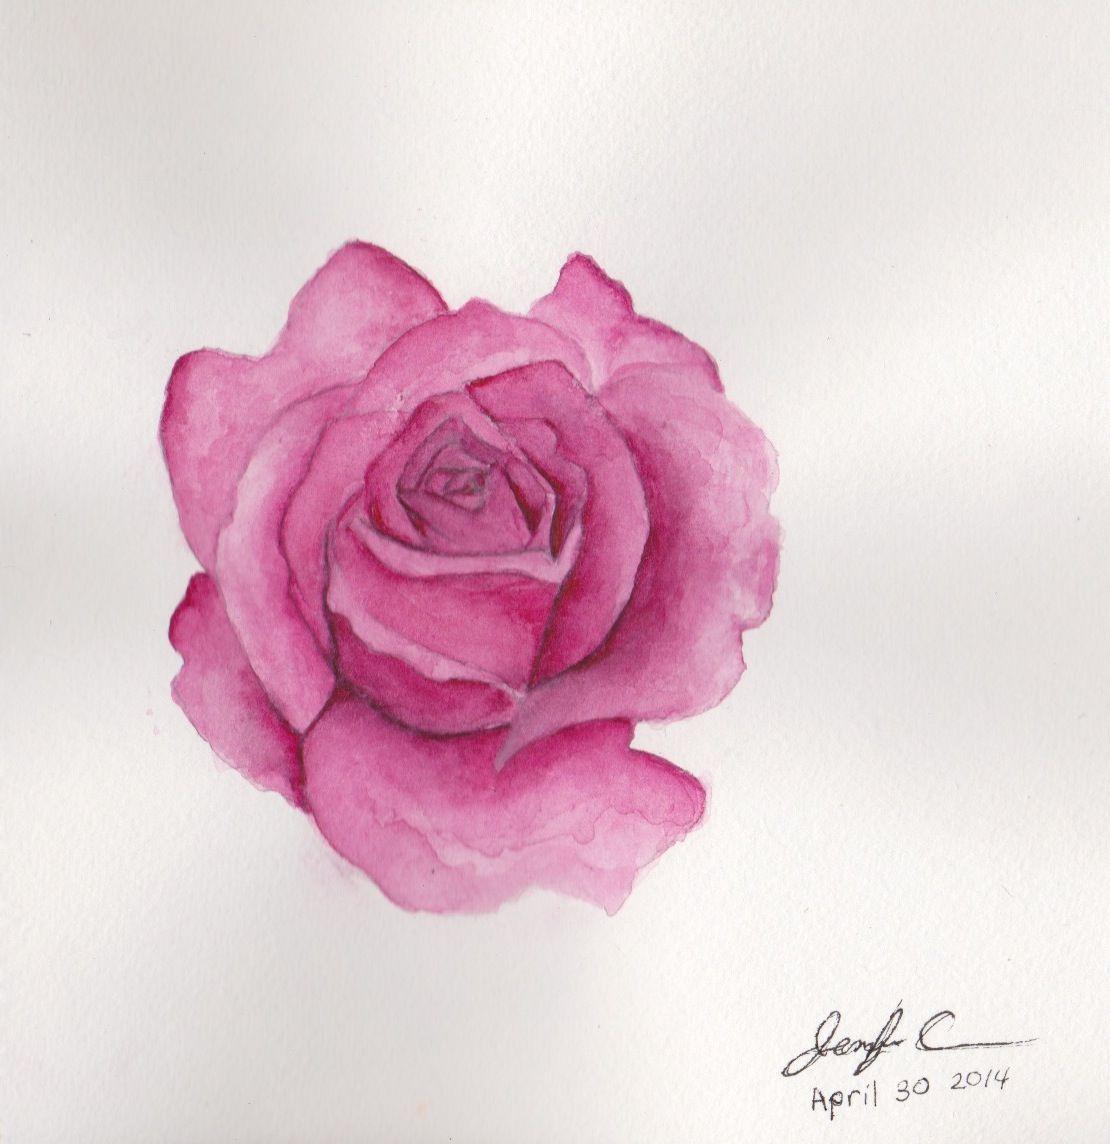 Watercolor Rose Painting Tumblr Rose Painting Watercolor Rose